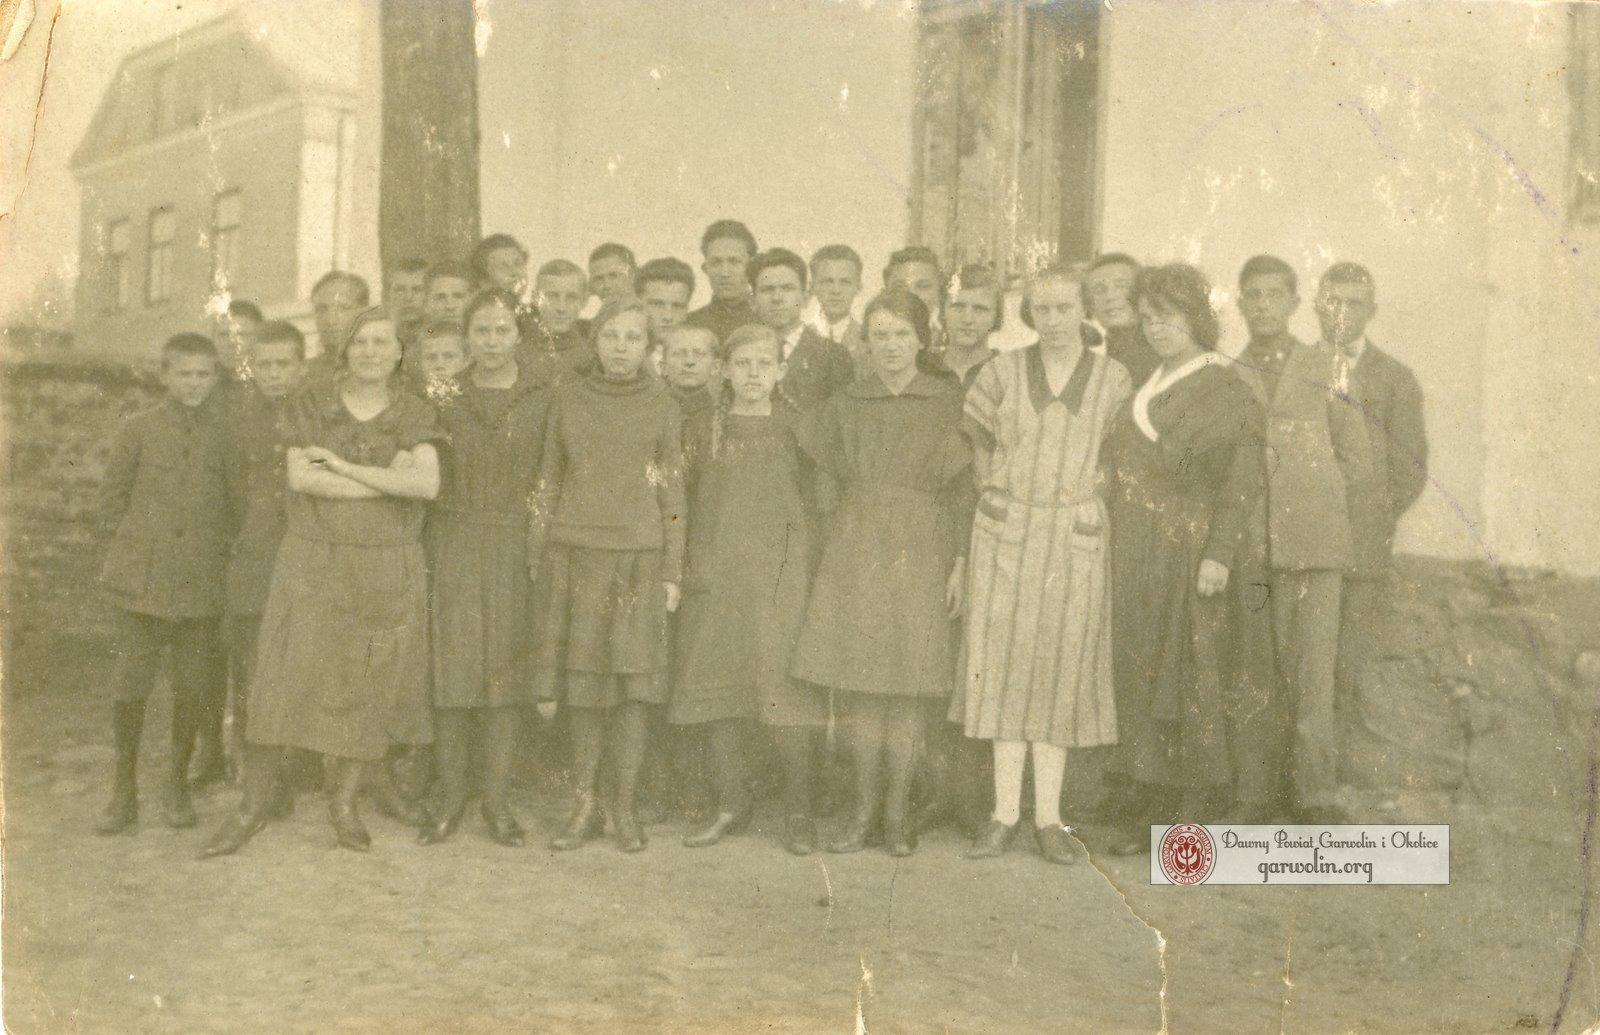 Szkoła Powszechna kl V 1924/25